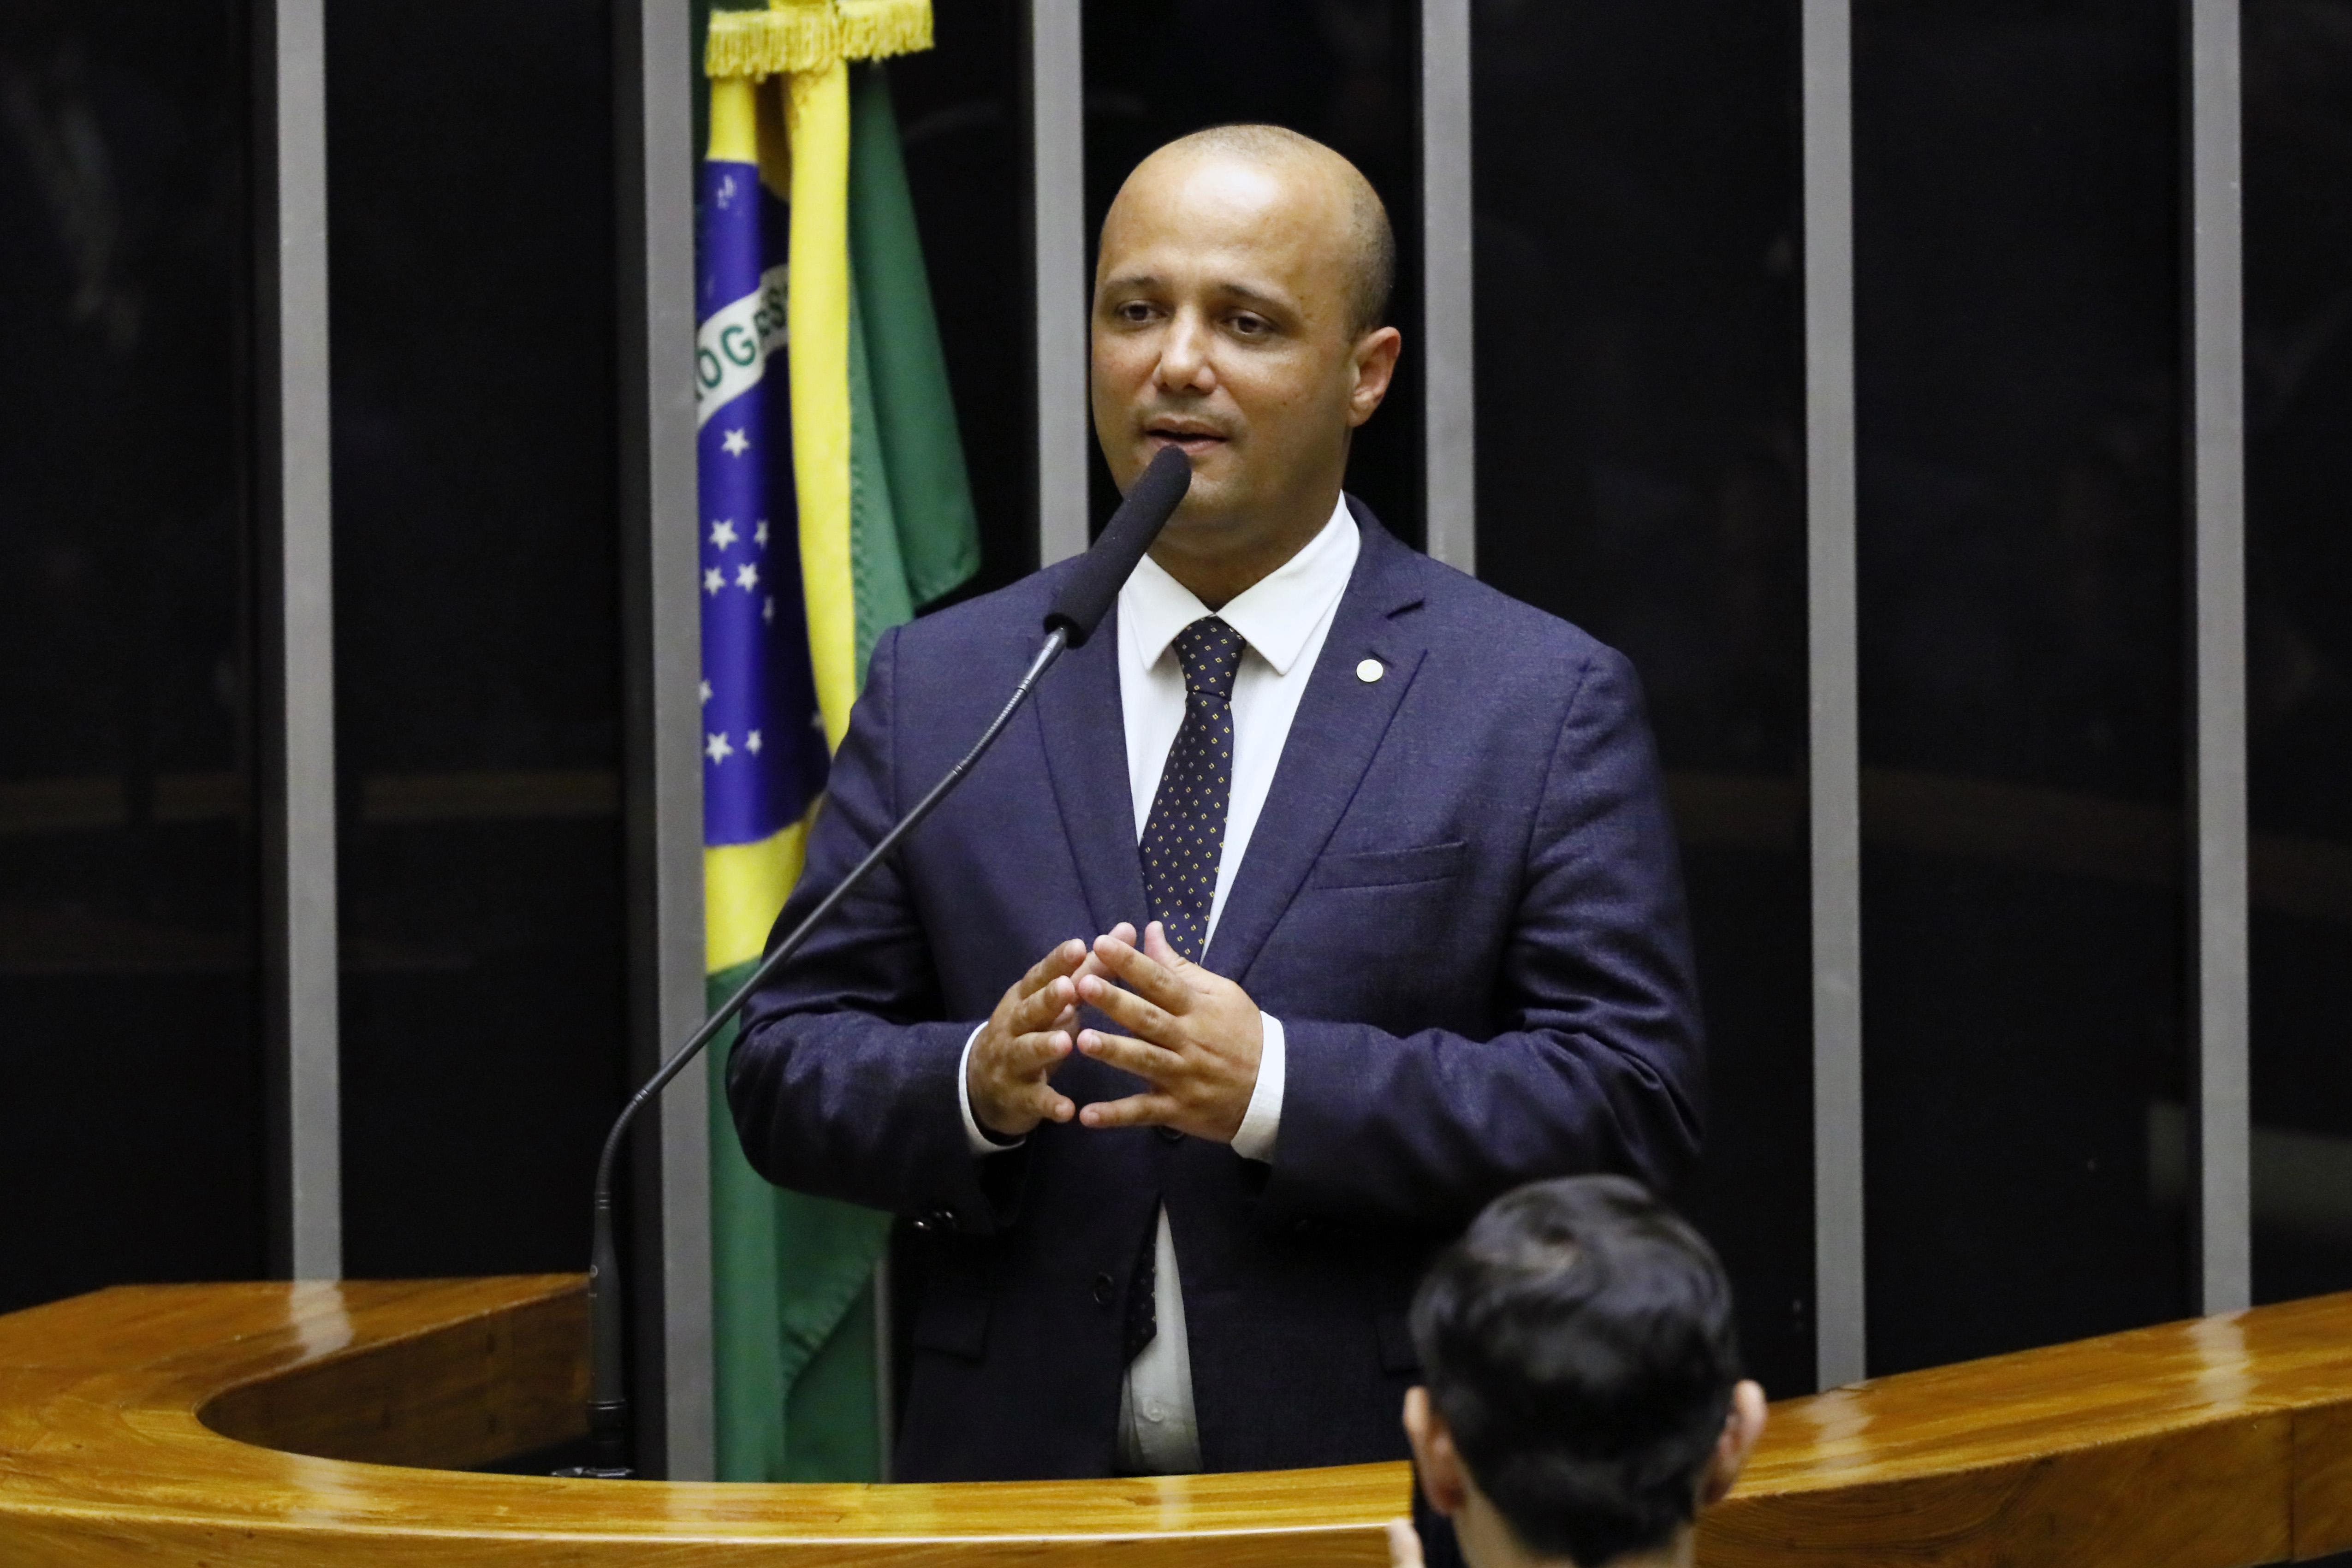 IMAGEM: Governo votará contra PL das fake news, diz Vitor Hugo